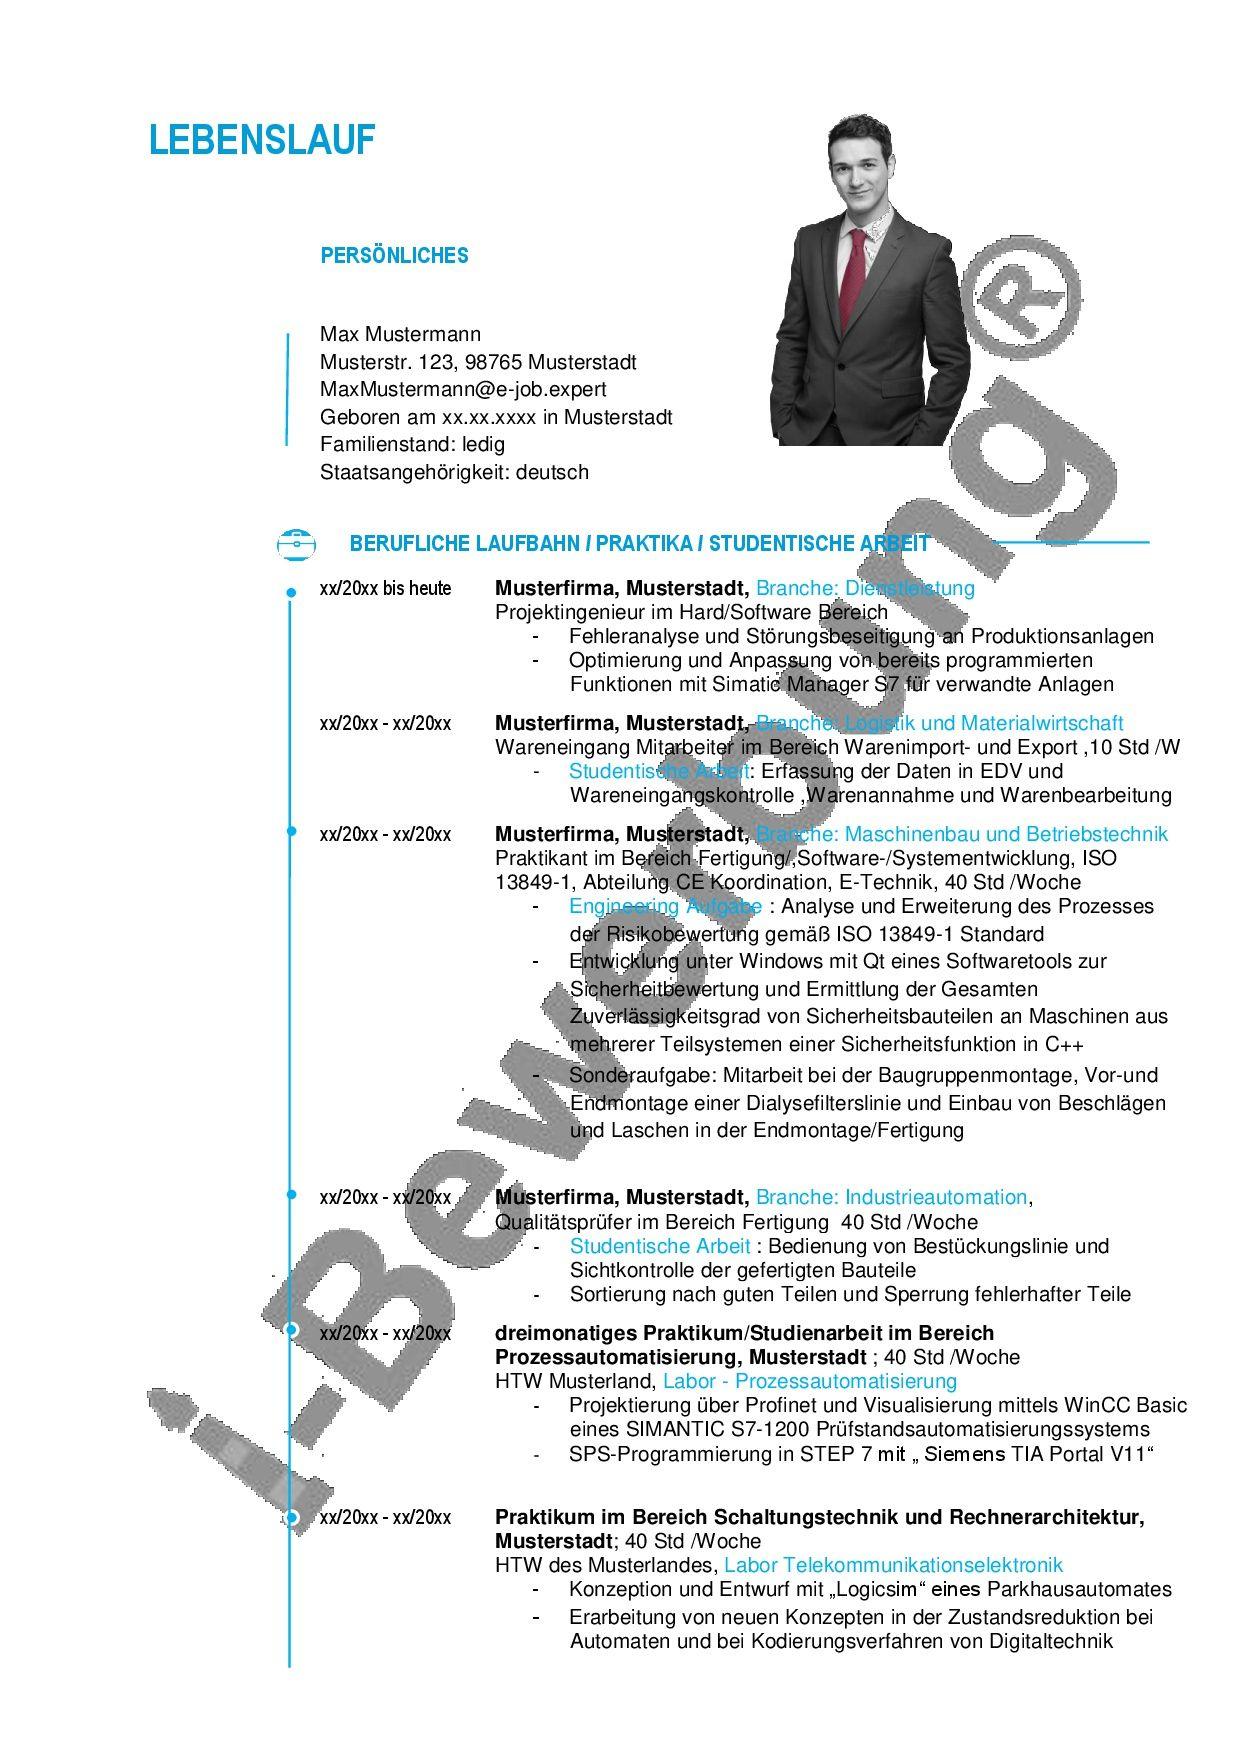 Vorlagen und Muster für den Lebenslauf zur Initiativbewerbung ...